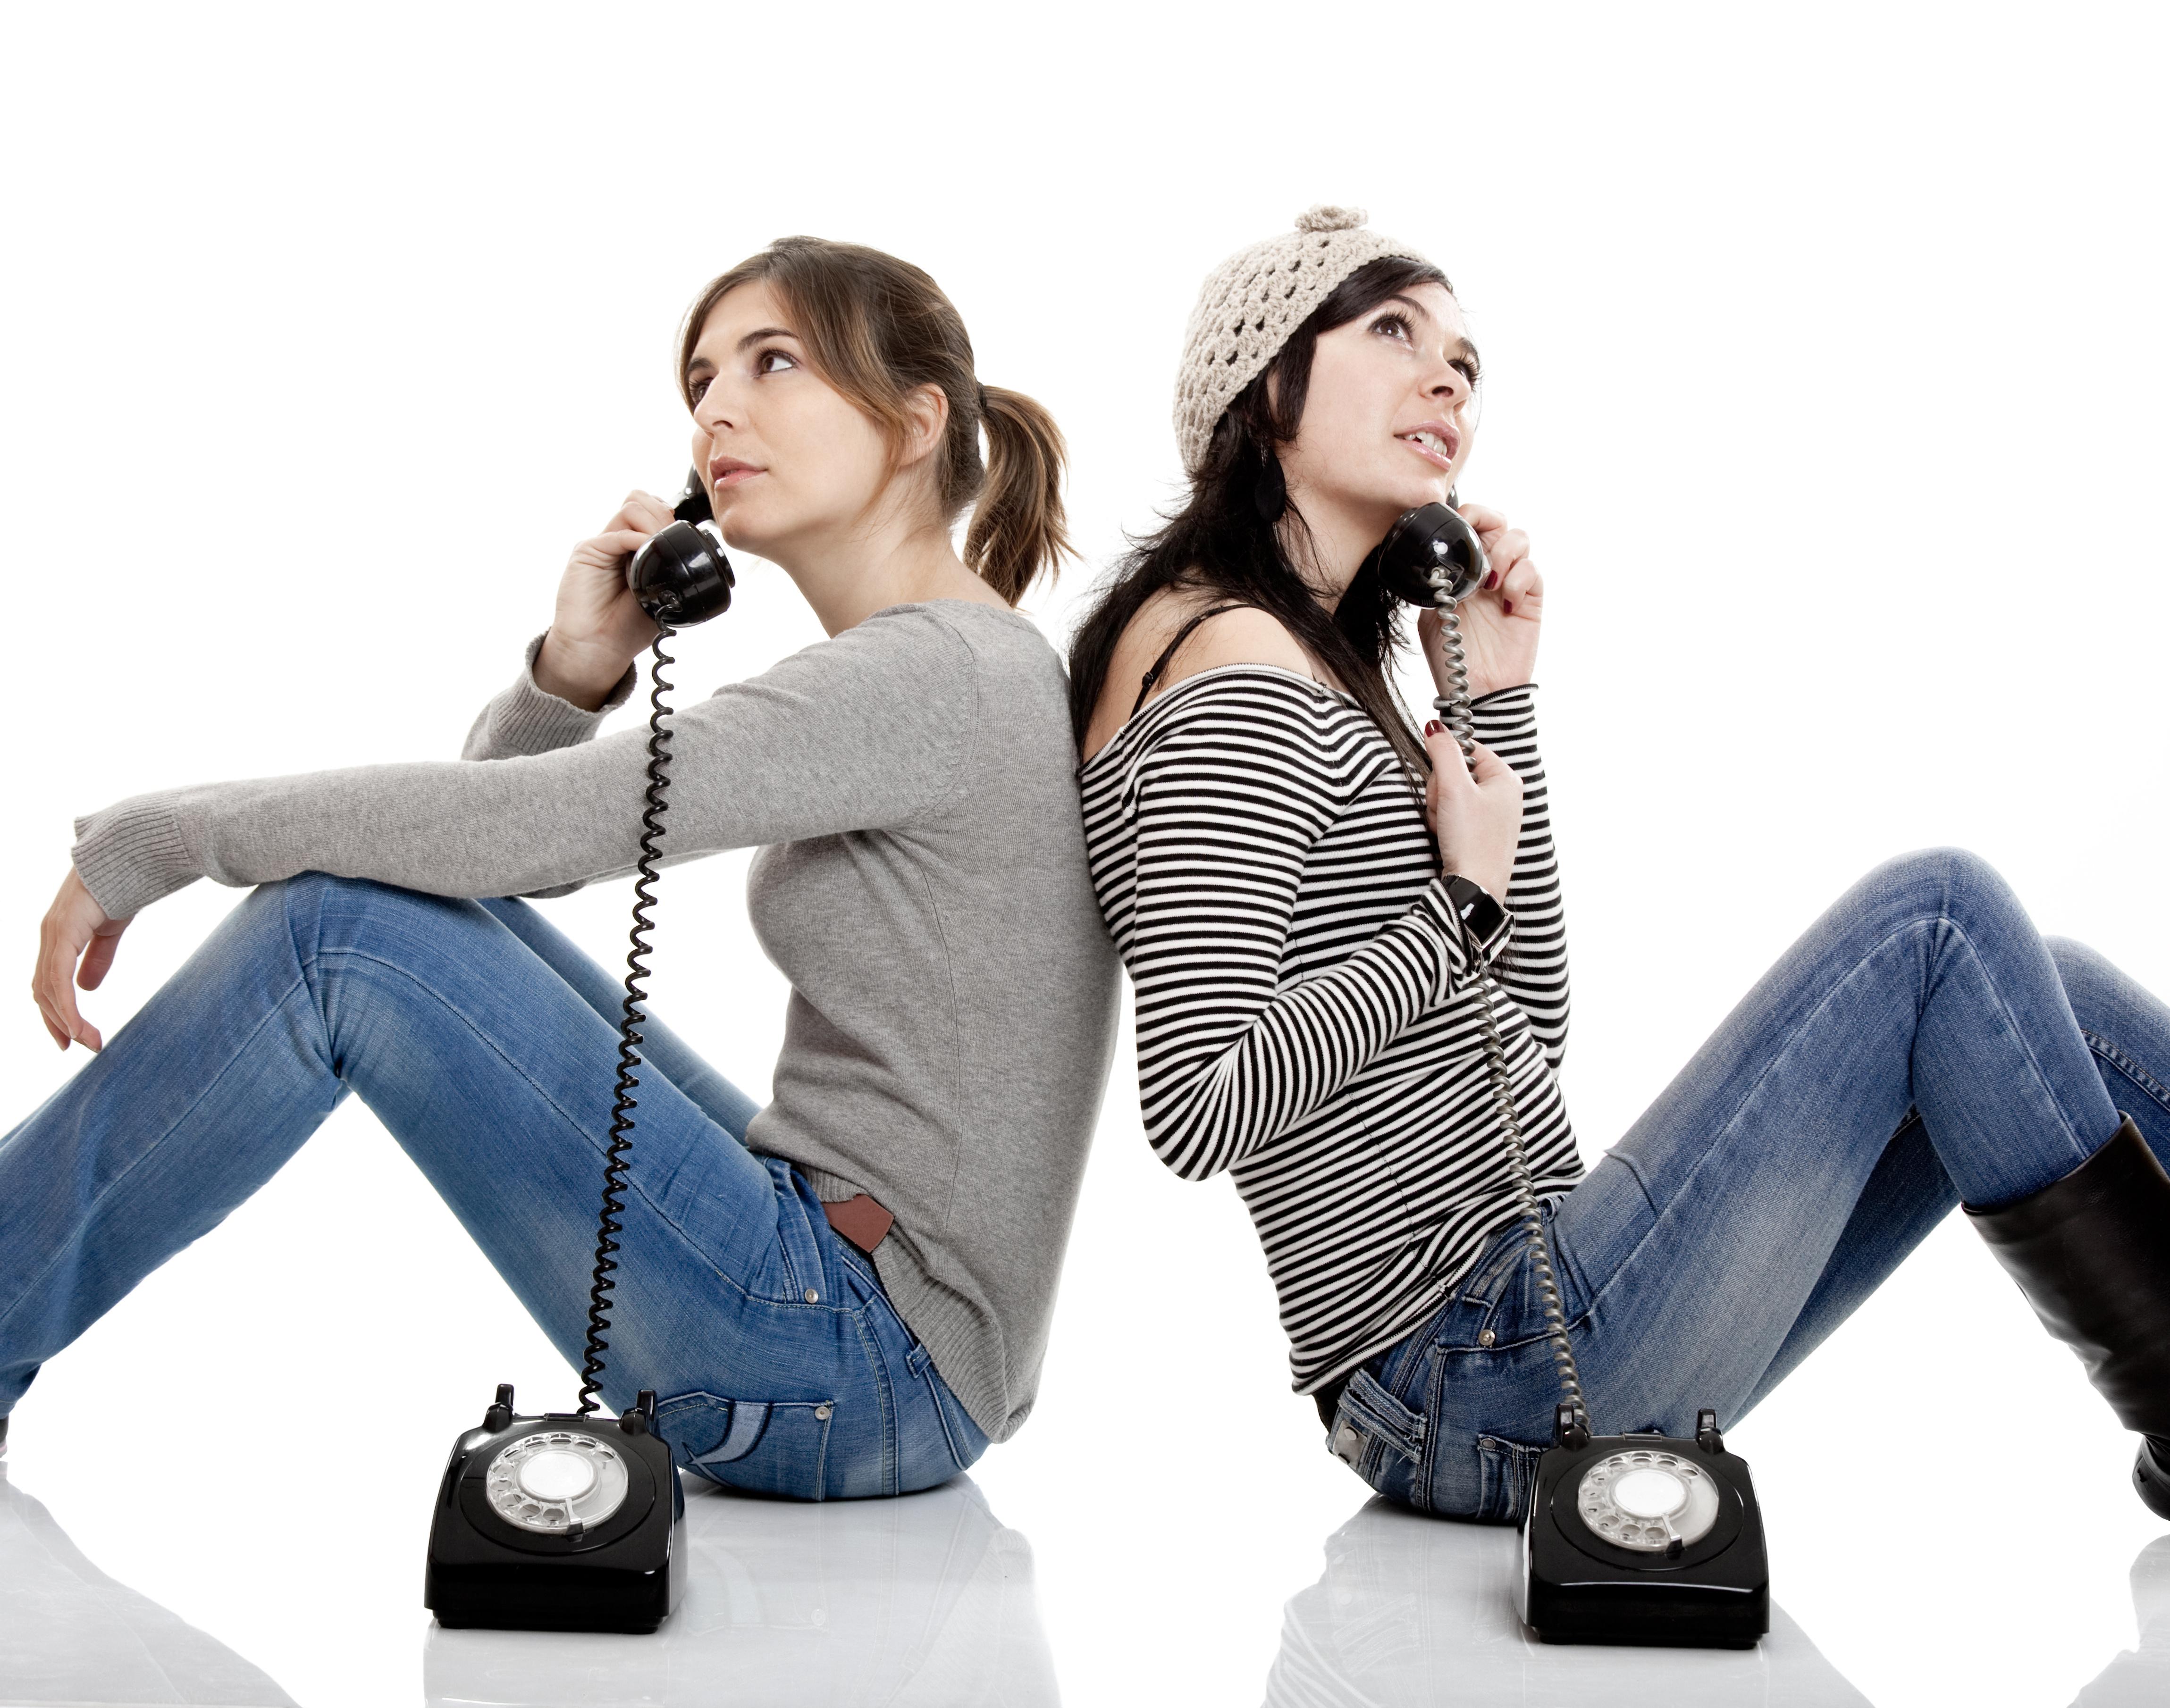 гражданский картинка двух людей разговаривающих по телефону при определенном